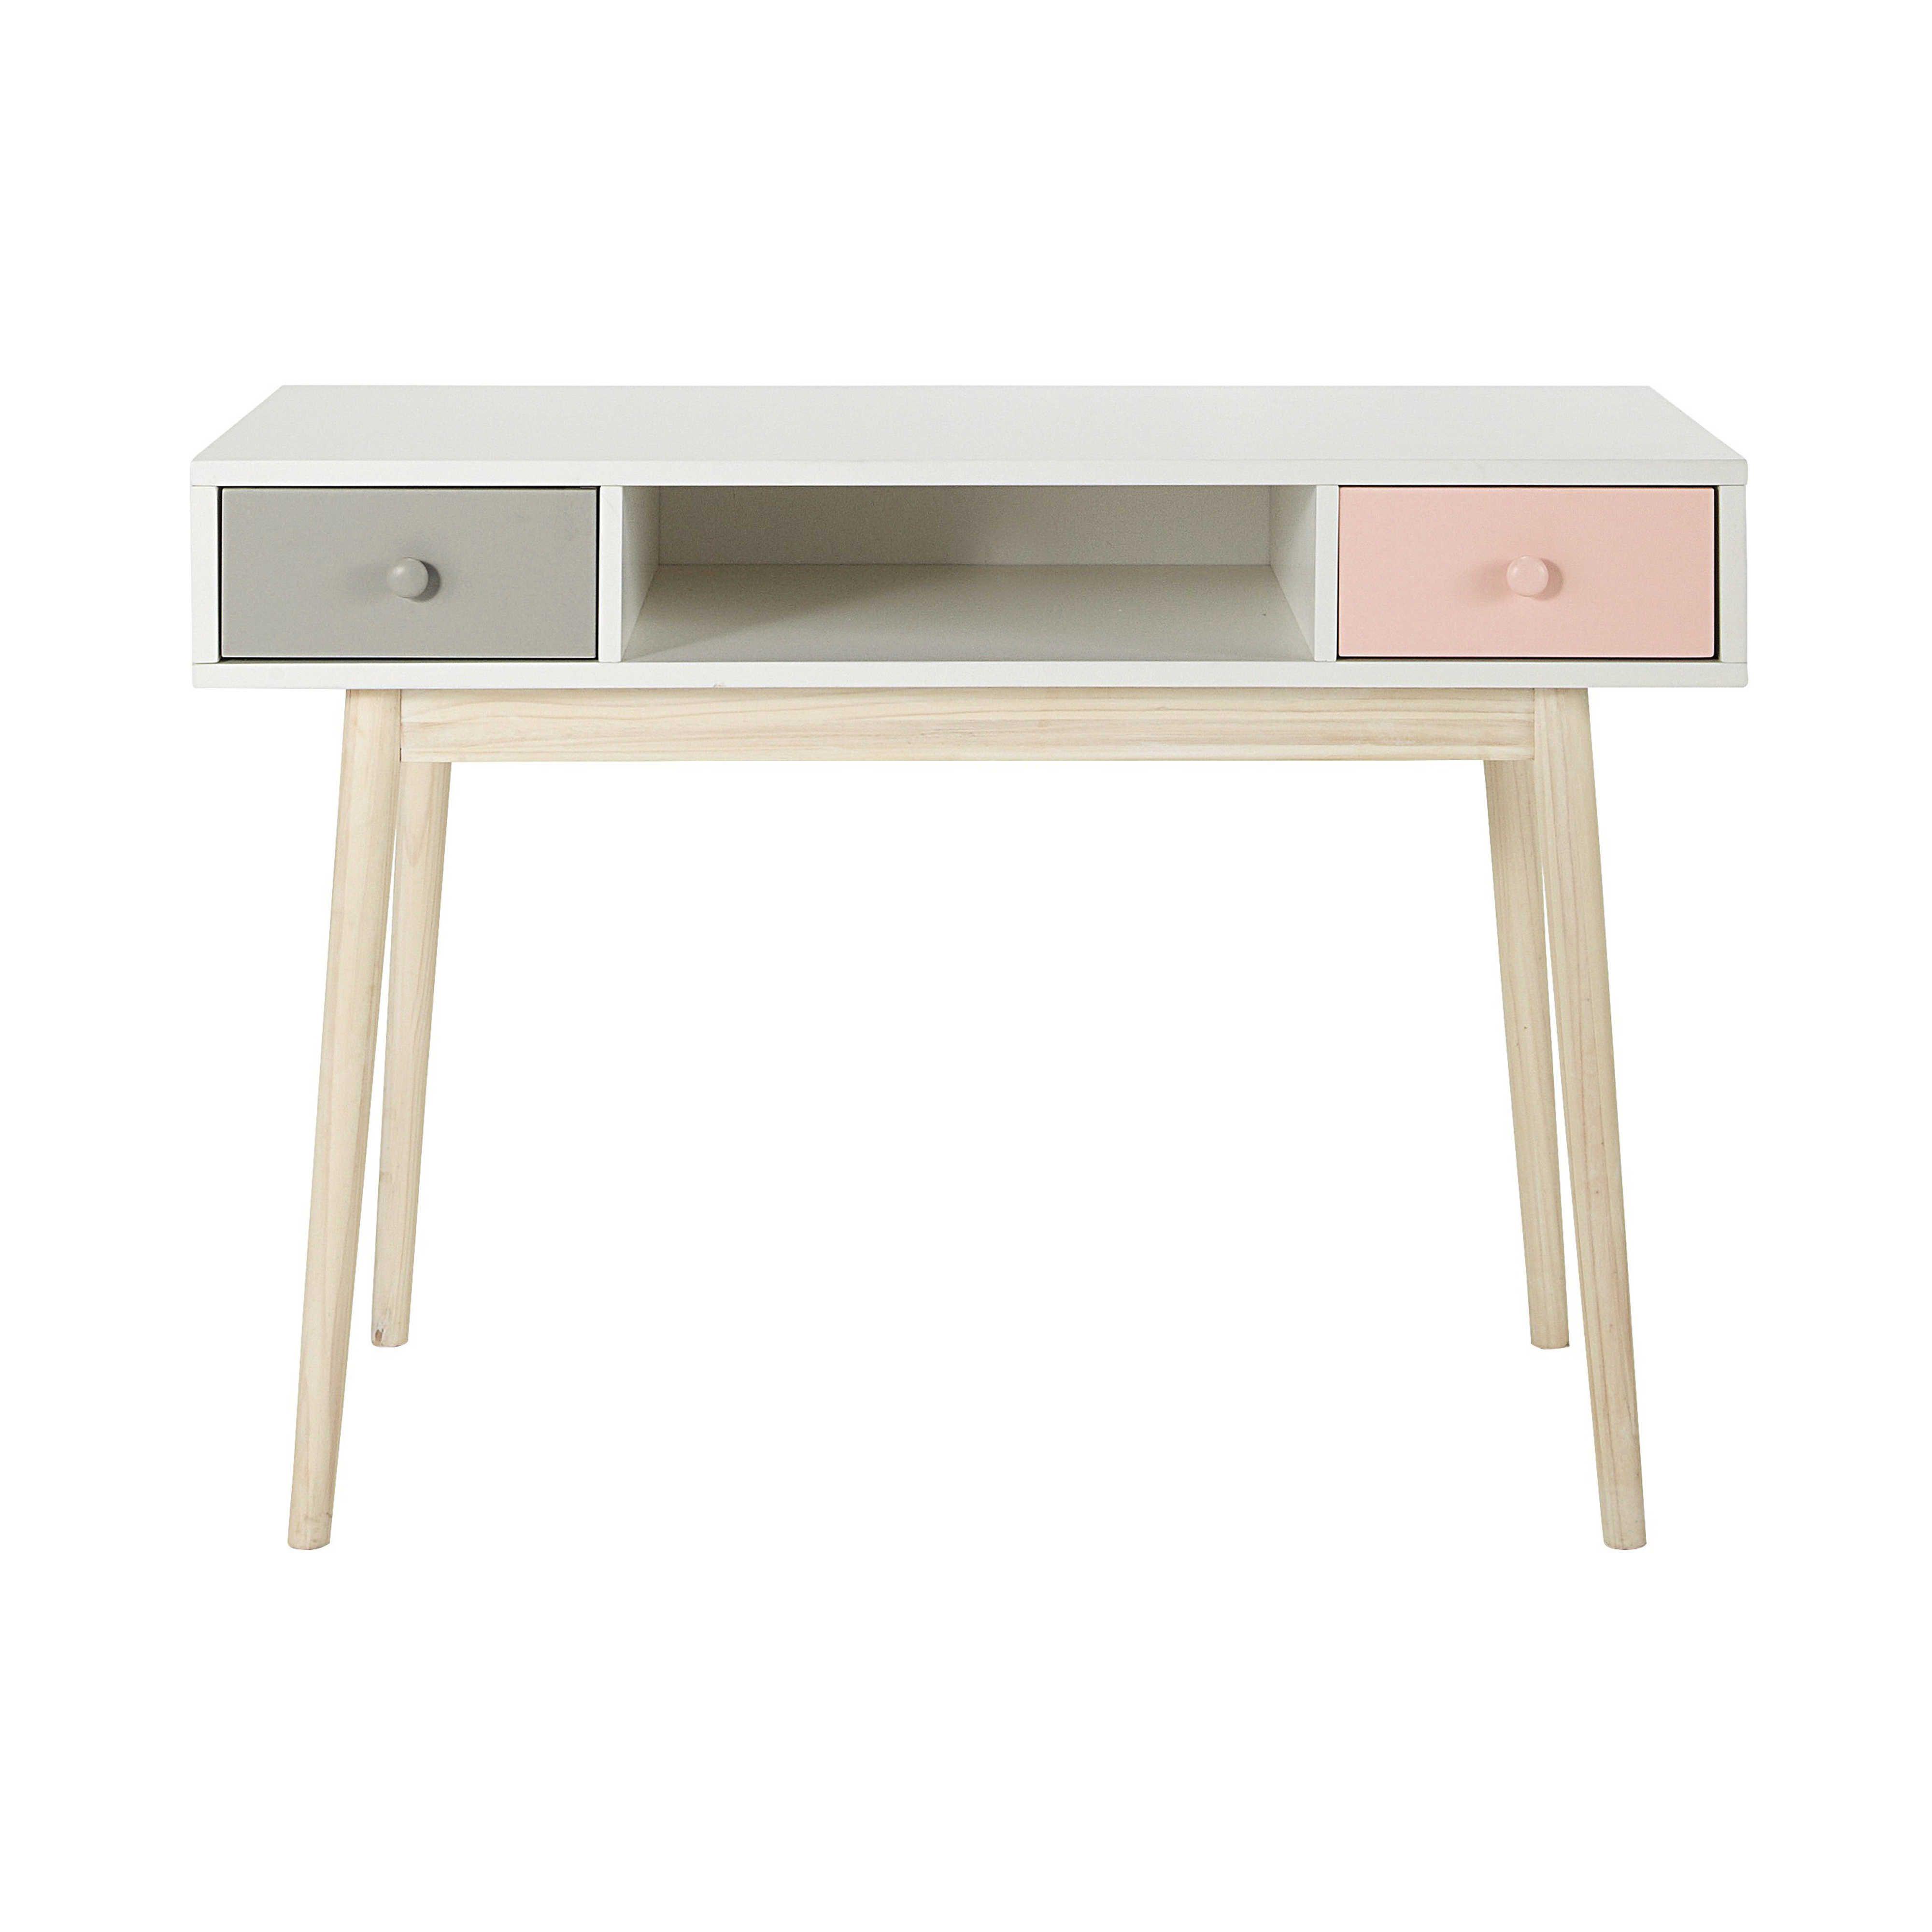 Kinderschreibtisch weiß holz  Vintage Schreibtisch, weiß | Schreibtische, Holz und Schminktische